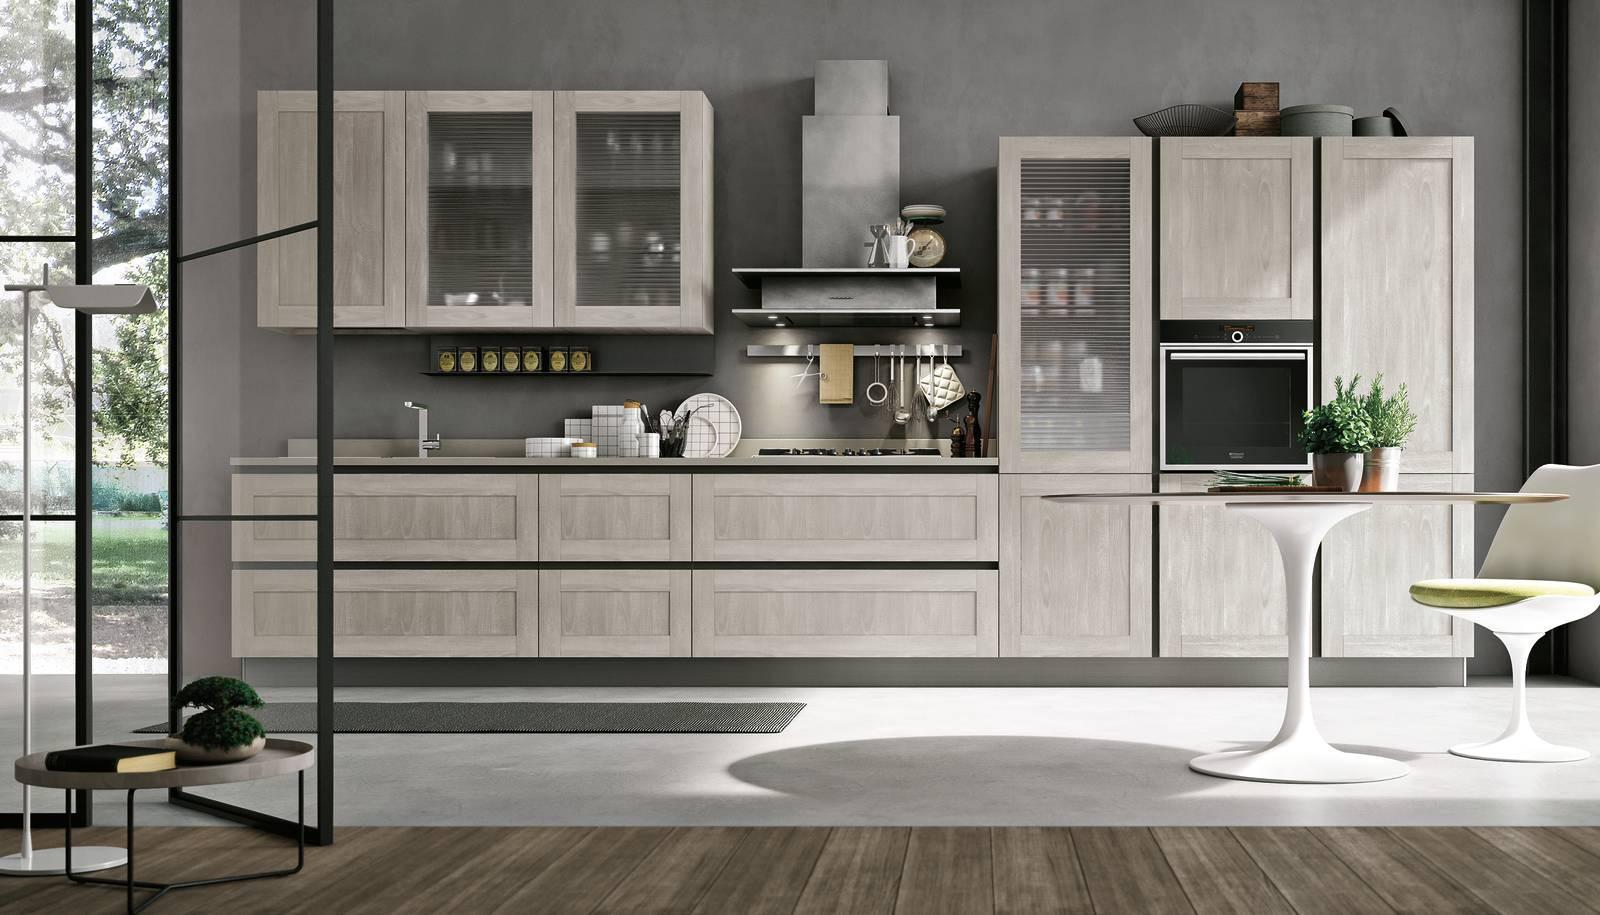 Per la cucina un piano di lavoro resistente e facile da pulire cose di casa - Piani cucina in okite ...